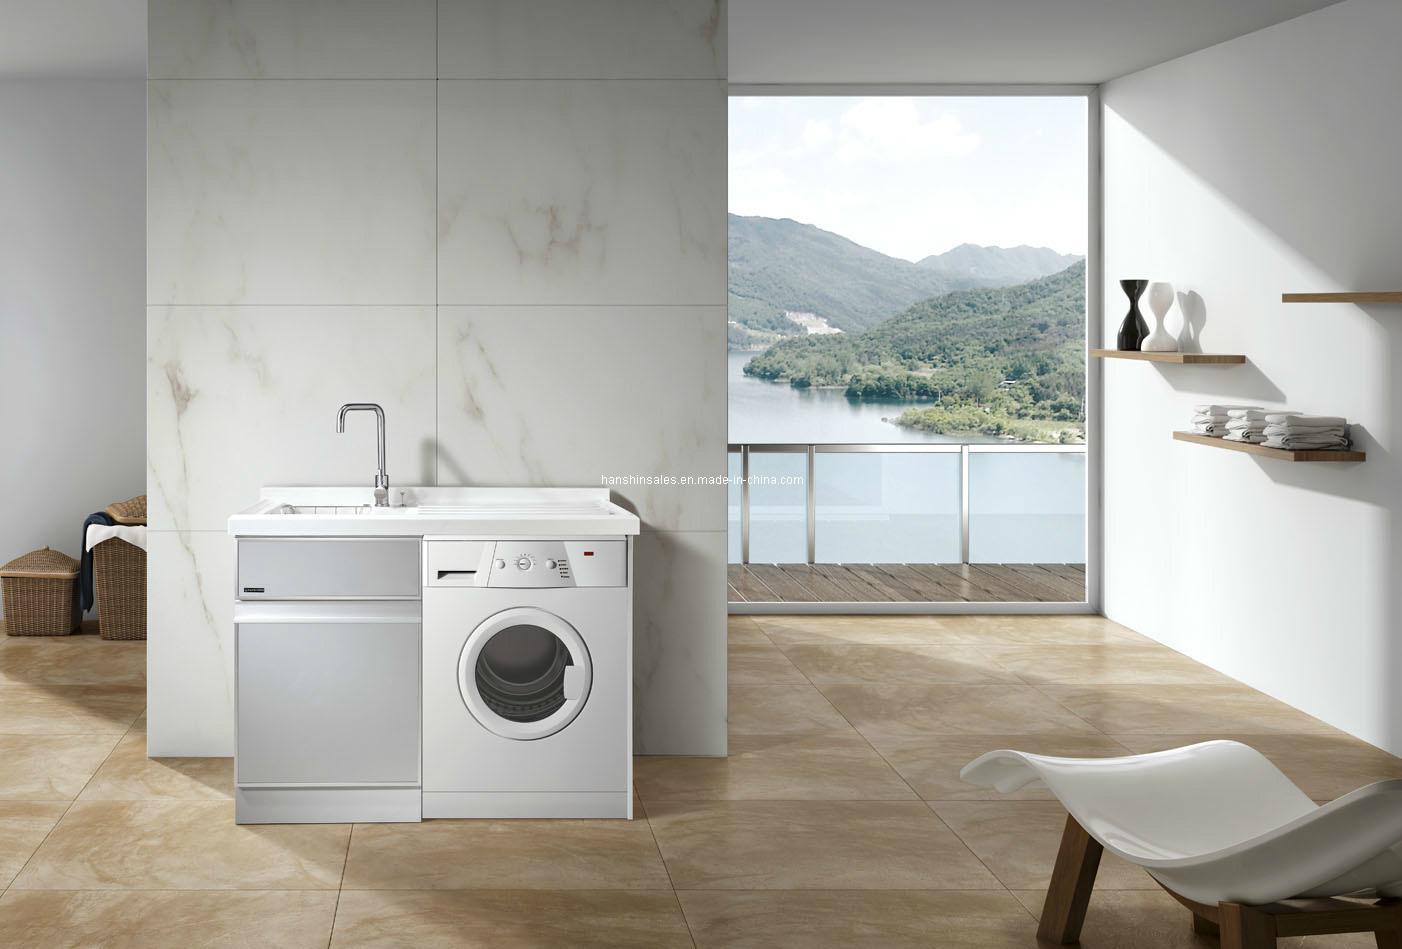 Gabinete del lavadero del cuarto de ba o xd120s for Lavadero de bano precio